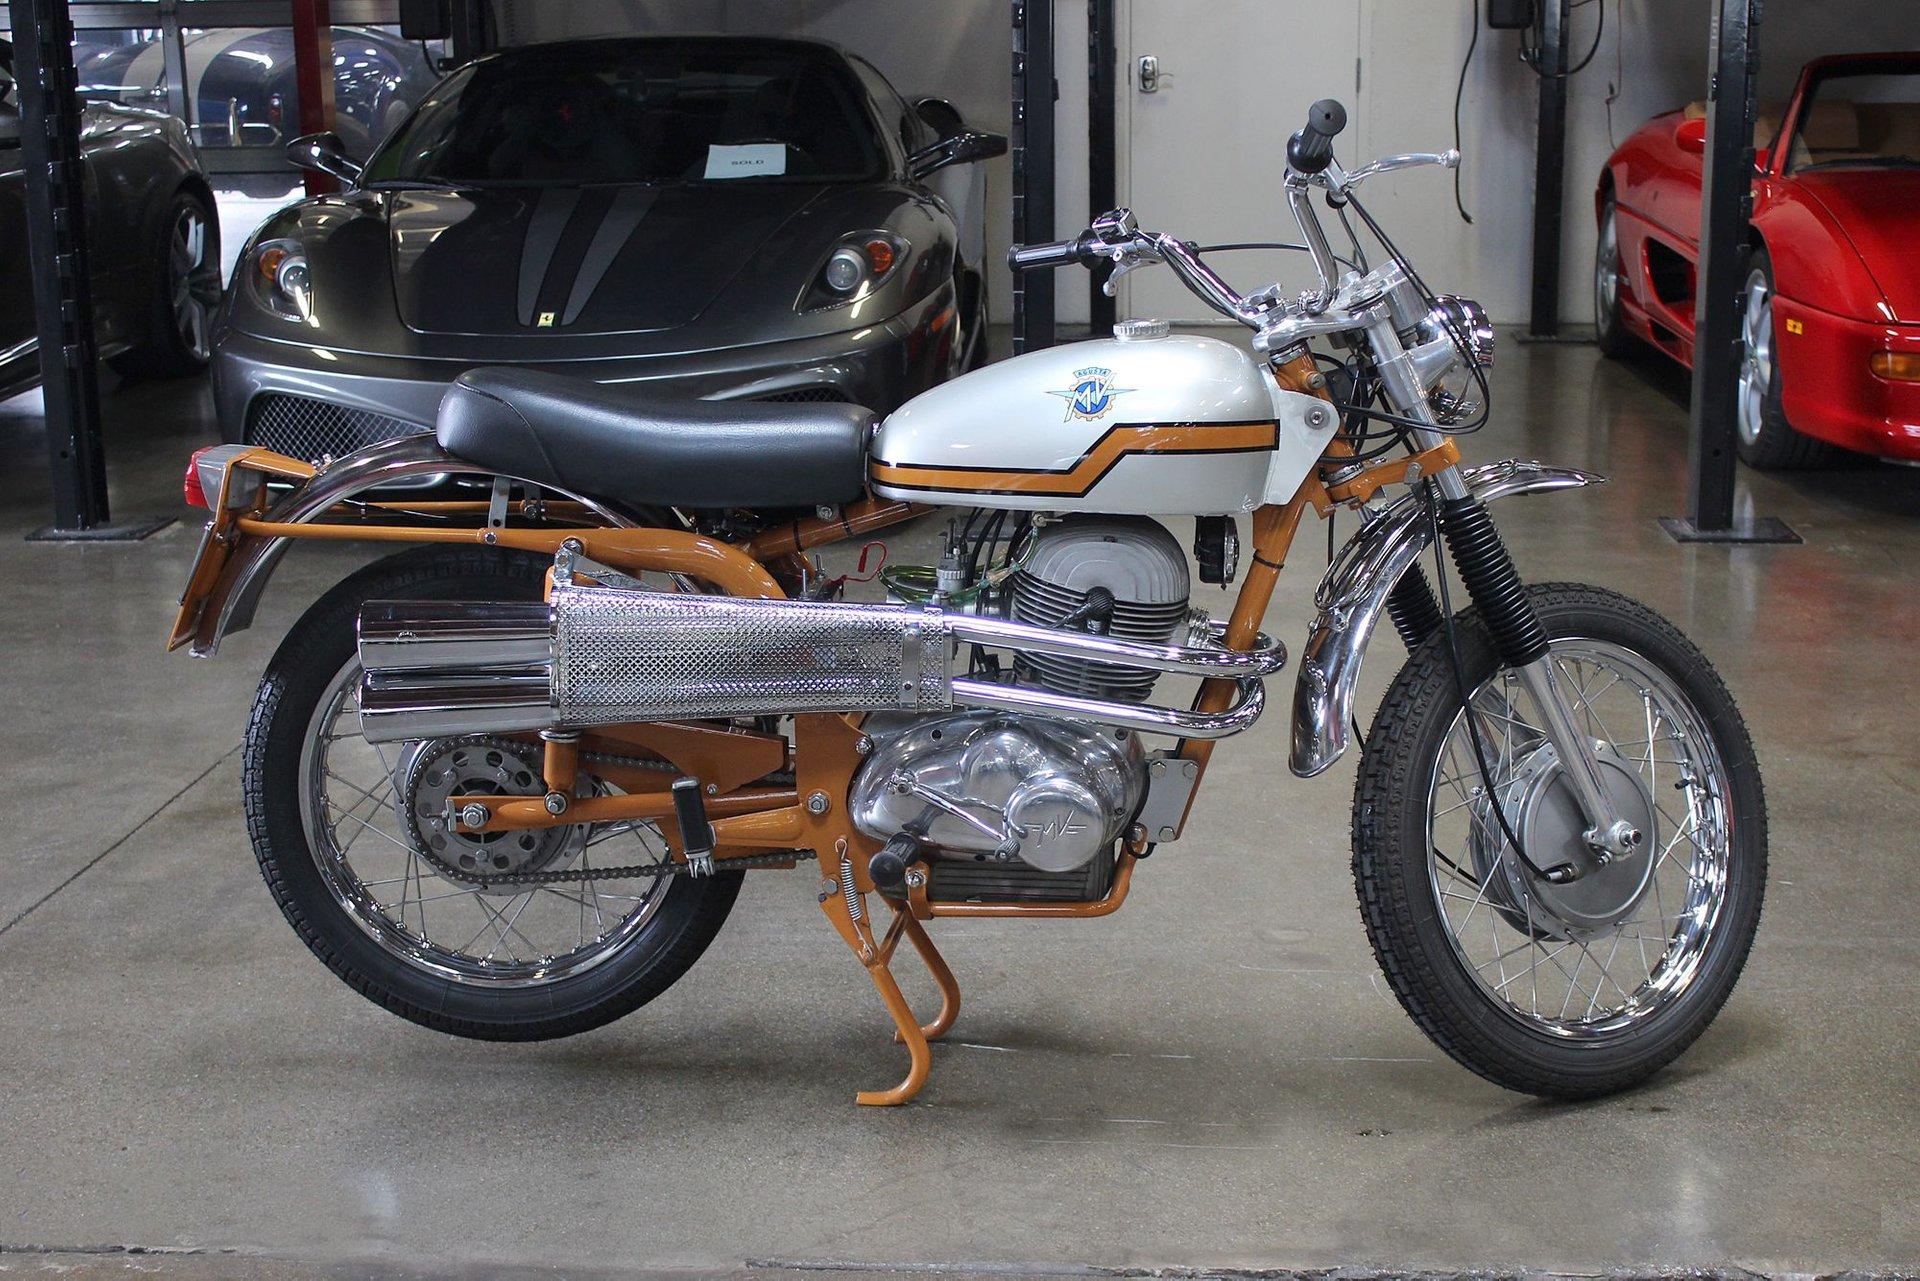 1972 mv agusta 350 scrambler